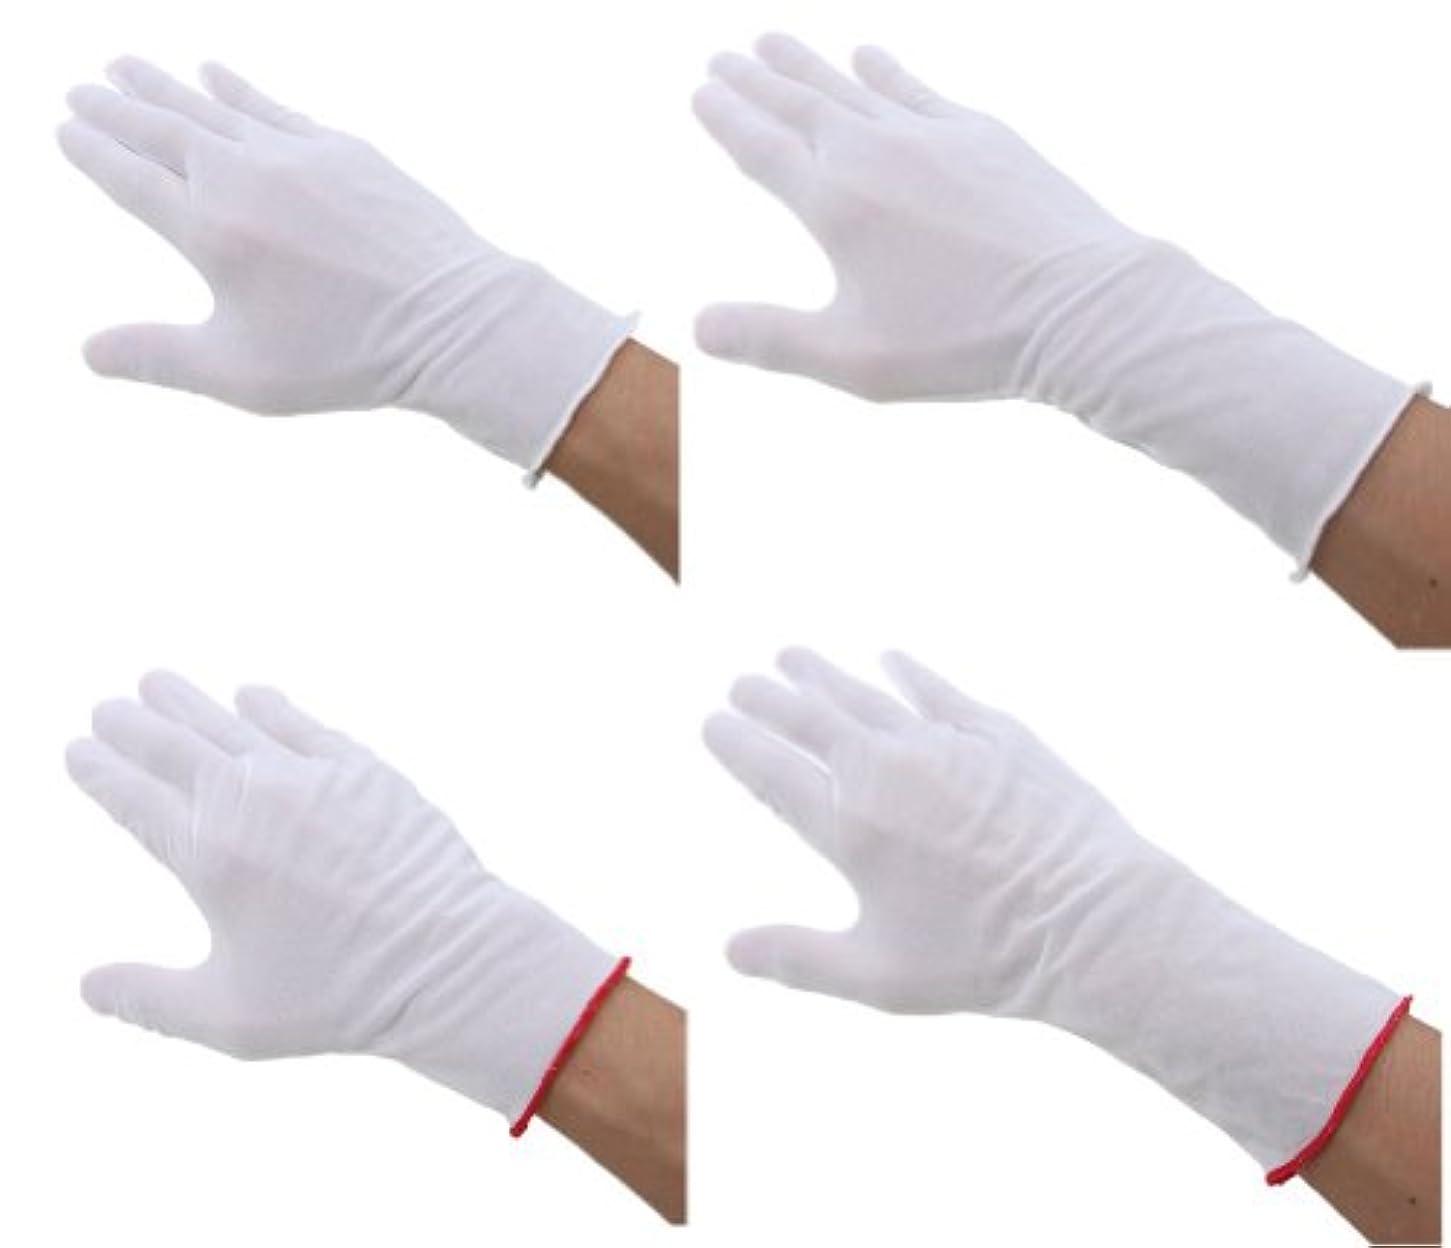 廃止する留まるロープウインセス 【通気性抜群!ゴム手袋の下履きに!/極薄インナー手袋】 約23cm (L)